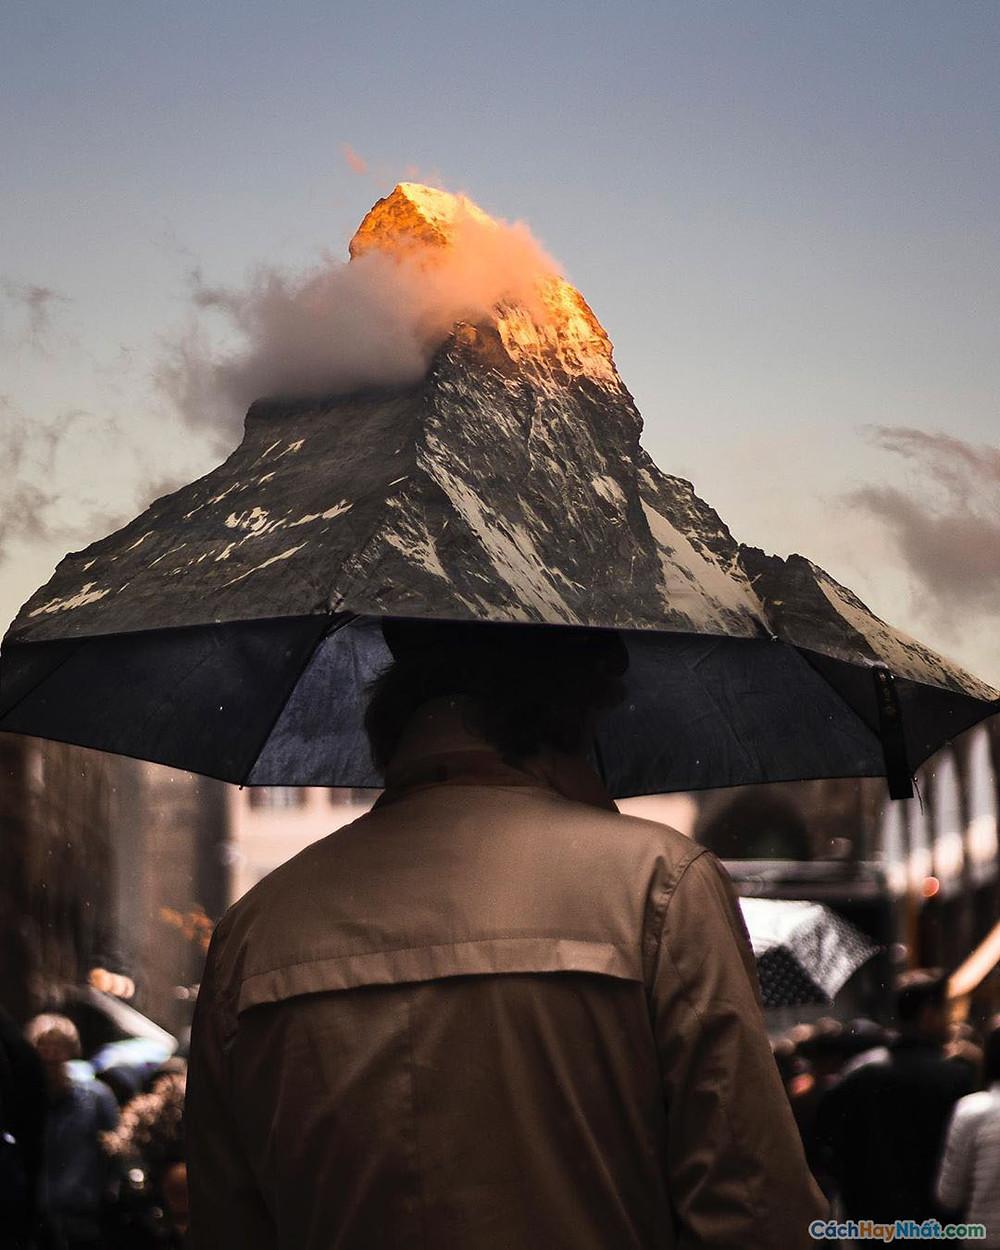 Ảnh chụp núi lửa do justin peters thực hiện